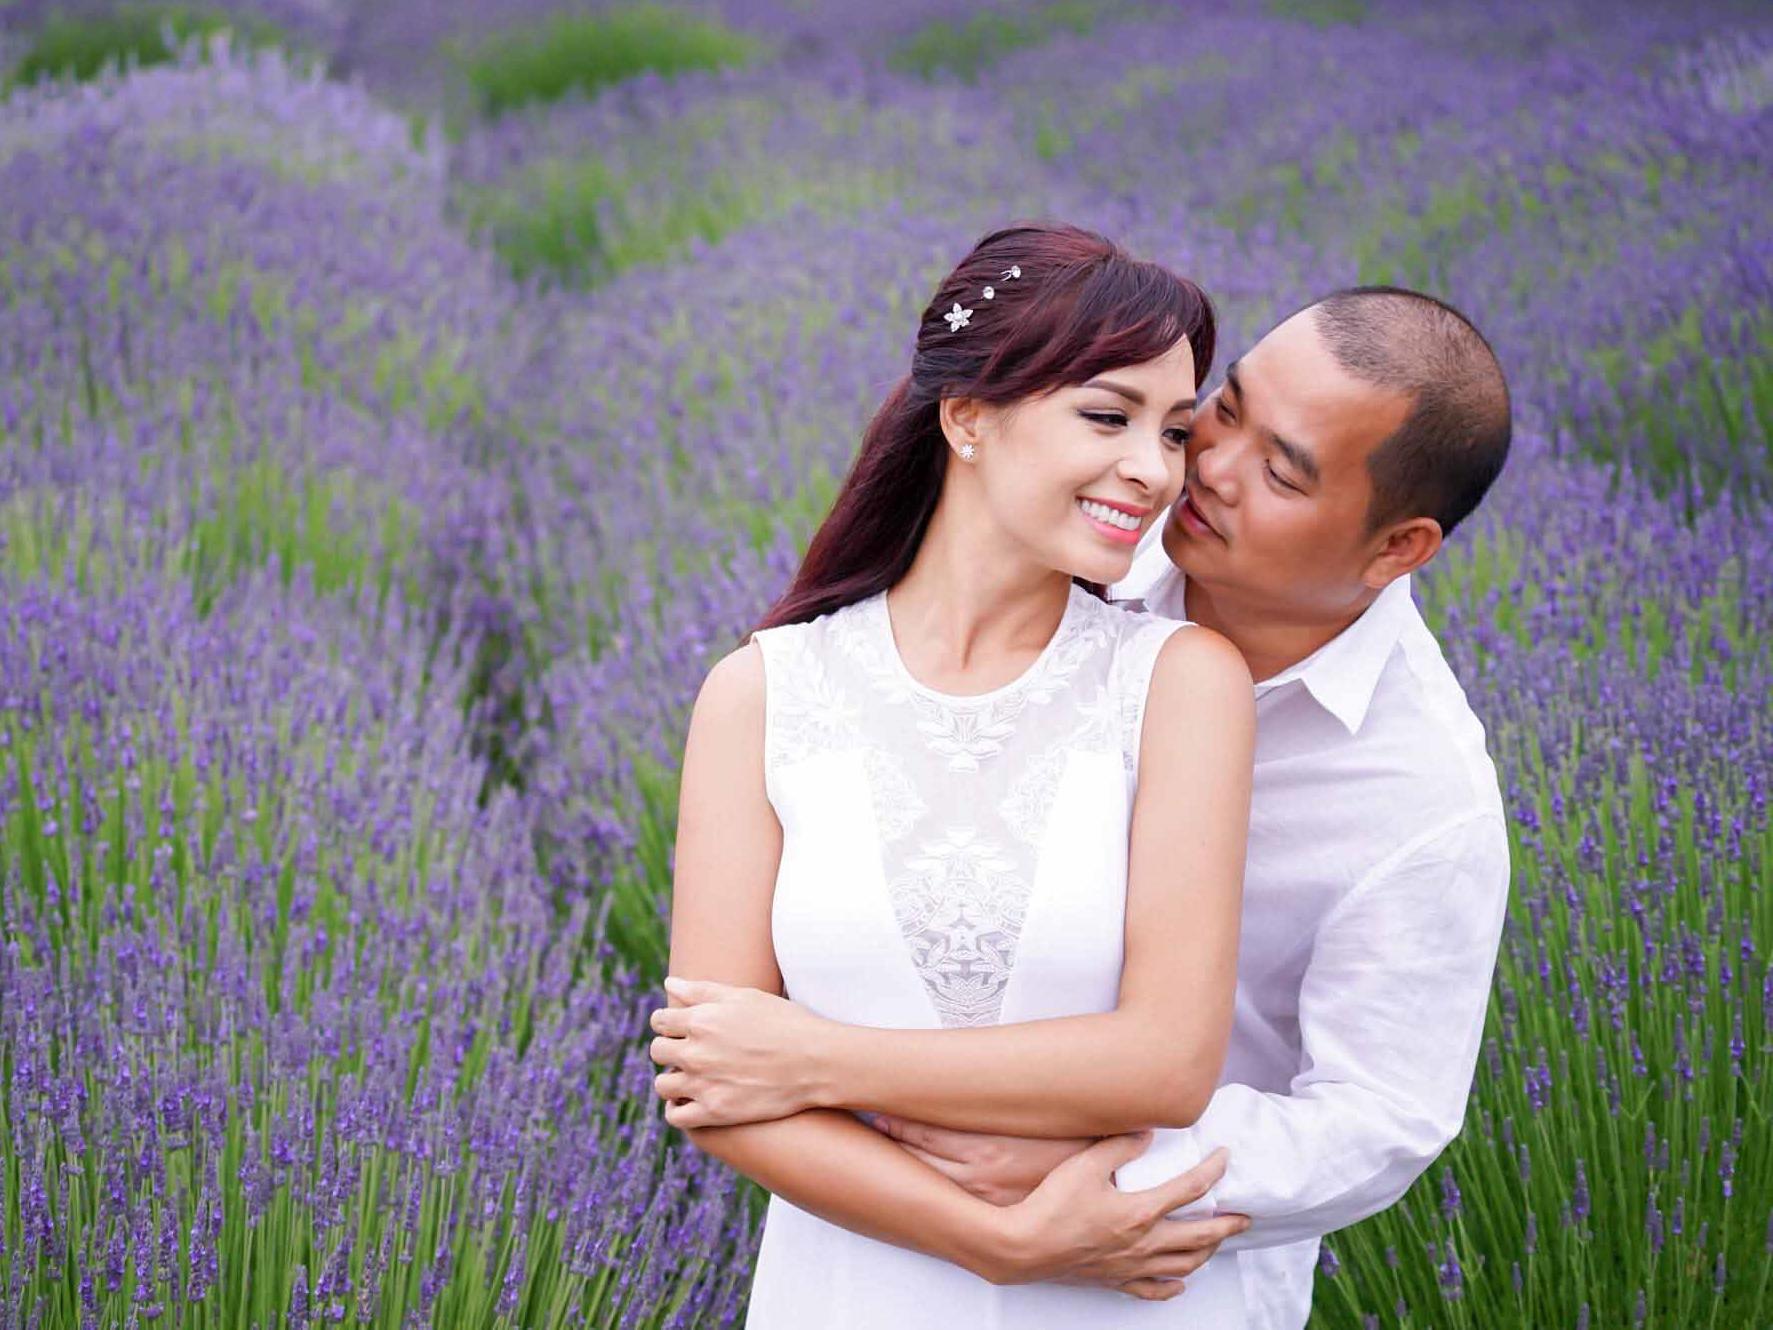 Nghiên cứu: Lấy chồng xấu trai, phụ nữ sẽ cảm thấy hạnh phúc hơn